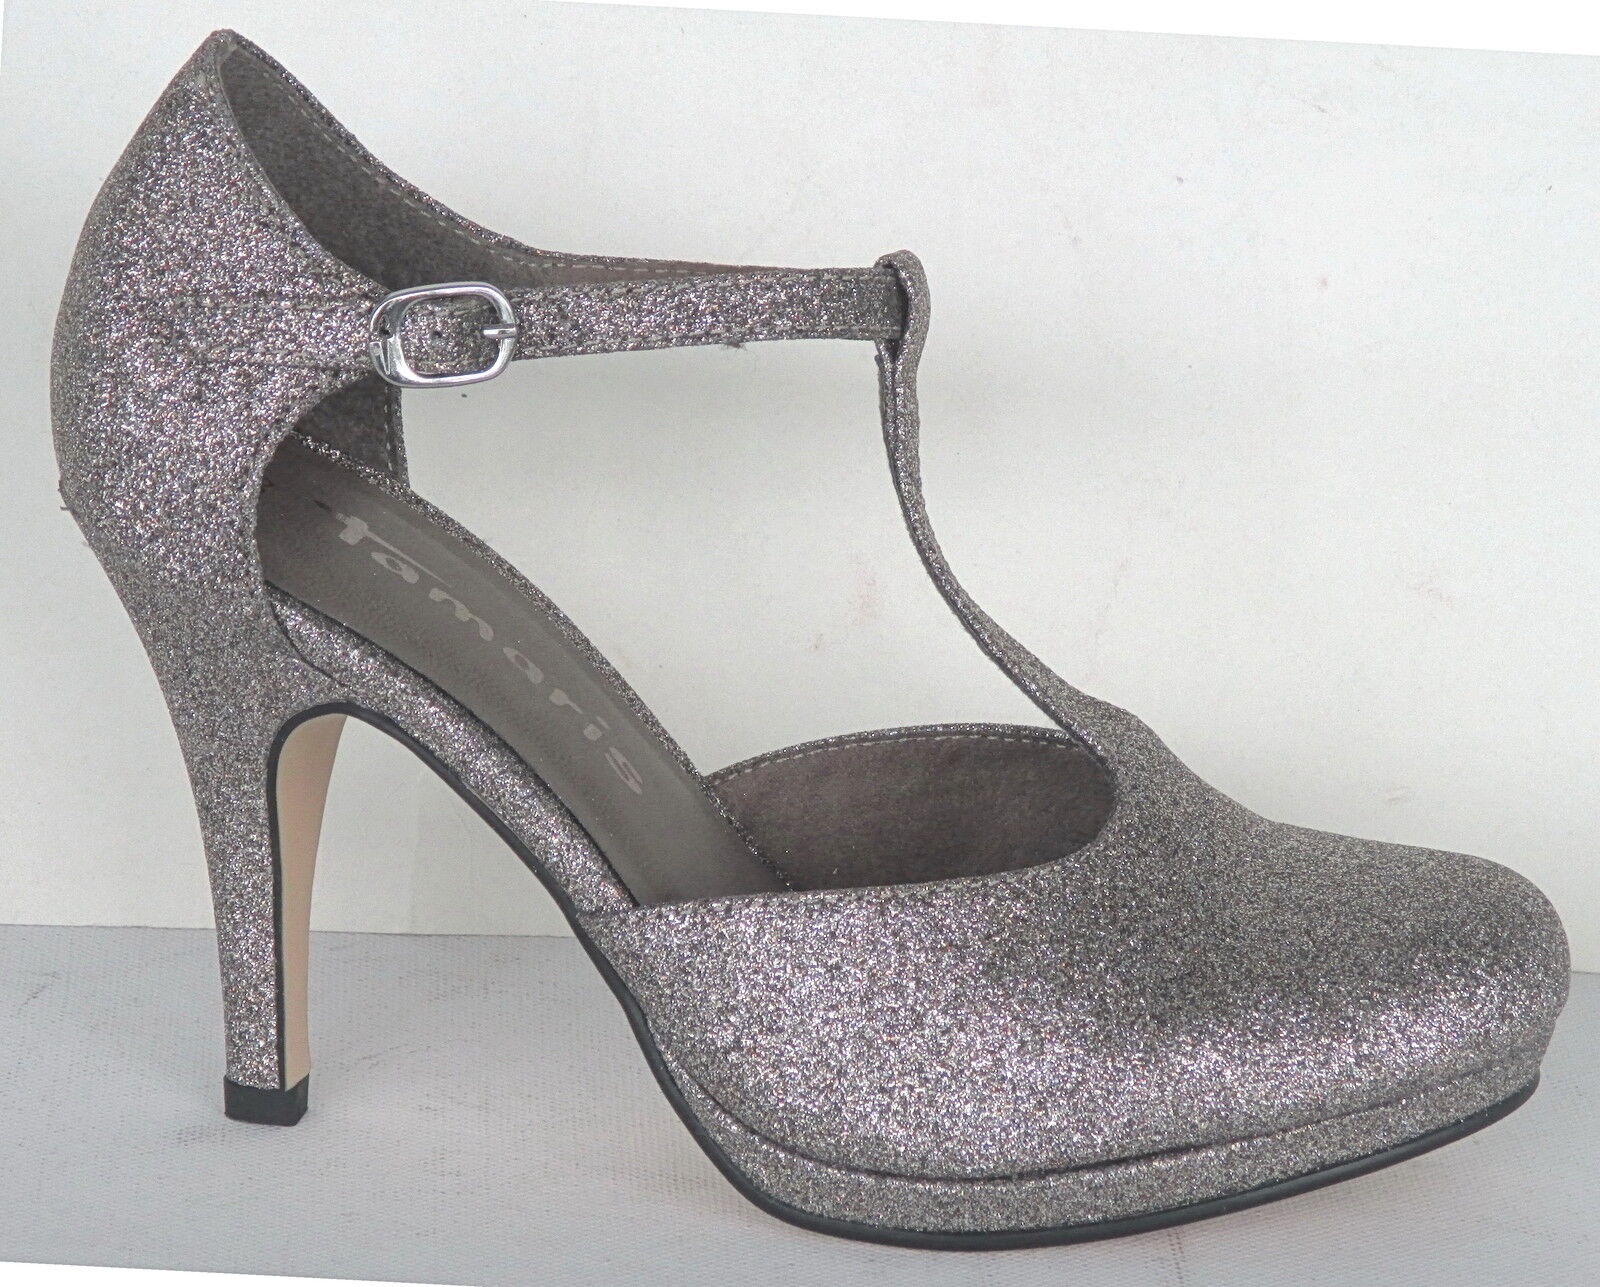 Tamaris señora pumps, pumps, pumps, talla 35-40, tacón alto, Art. 1-24428-26 970 +++ nuevo +++  Sin impuestos